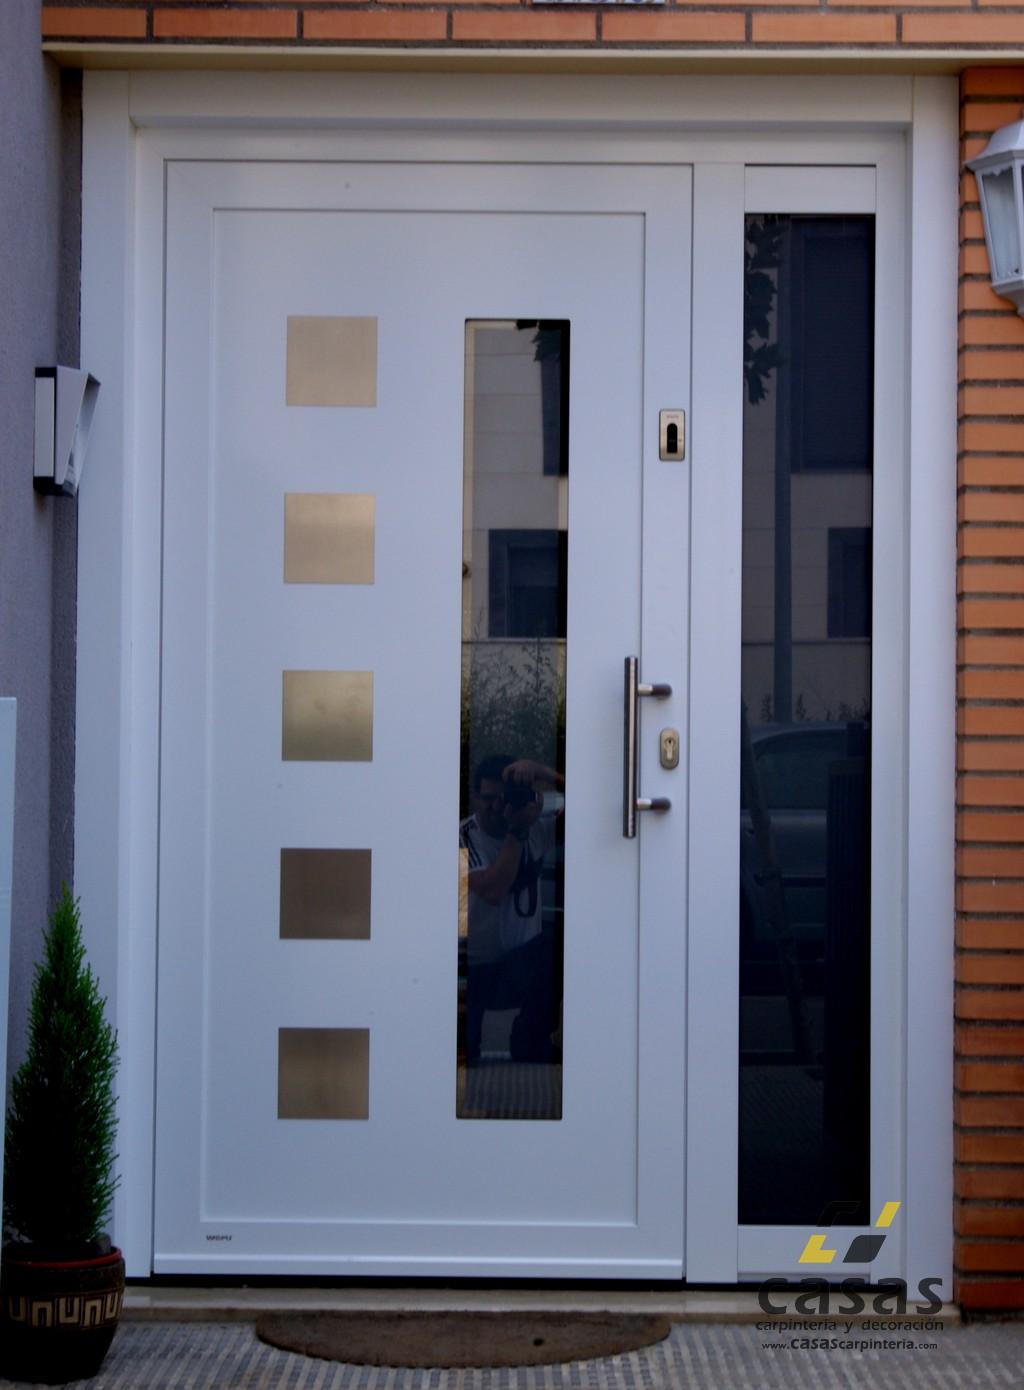 fachadas con aberturas de aluminio